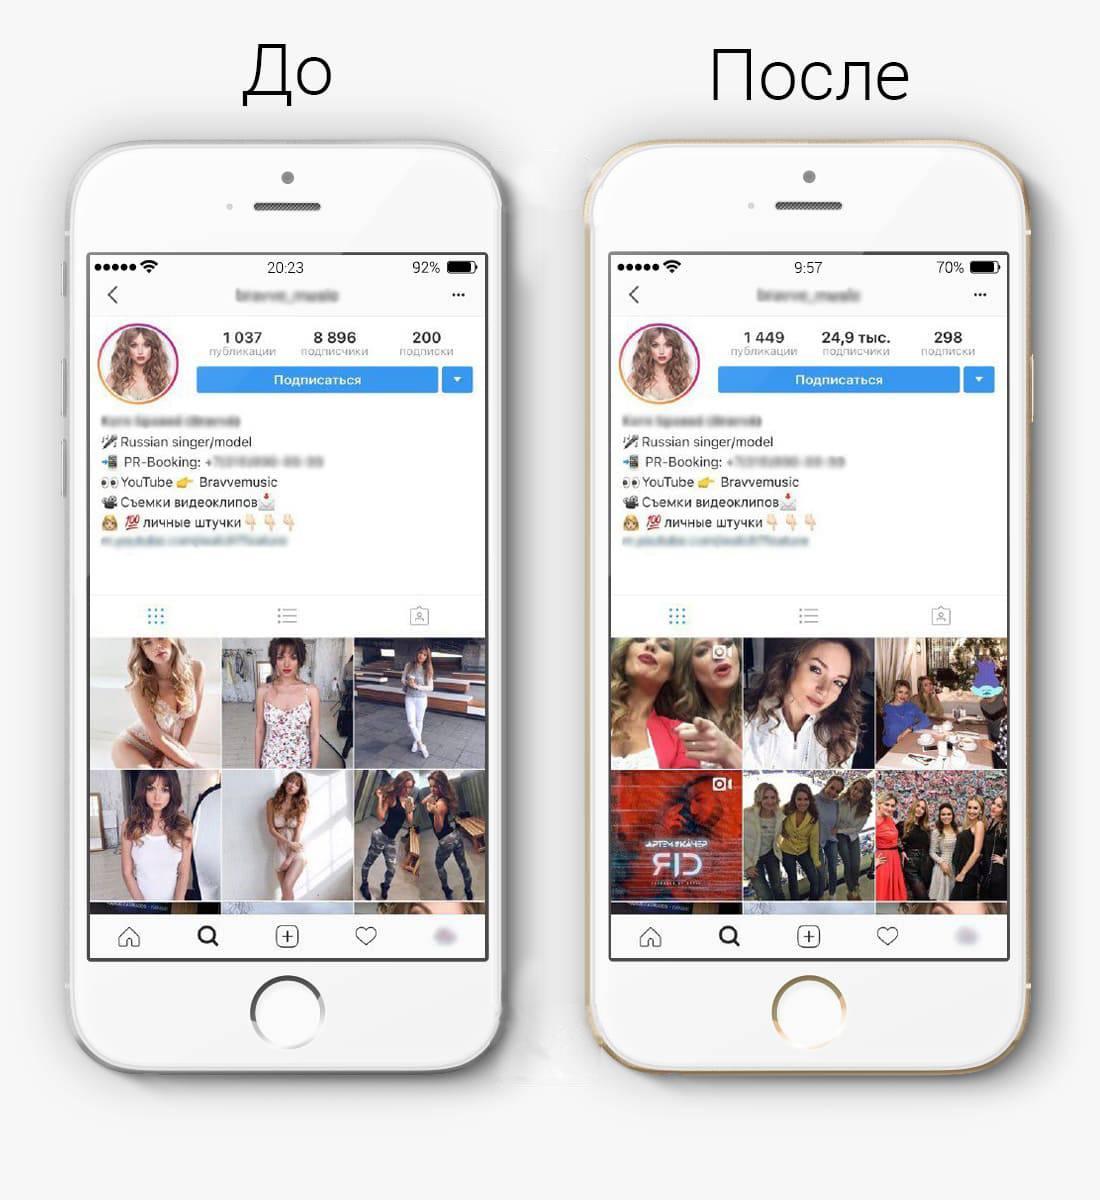 Как получить живых подписчиков инстаграм — топ 10 способов по накрутке